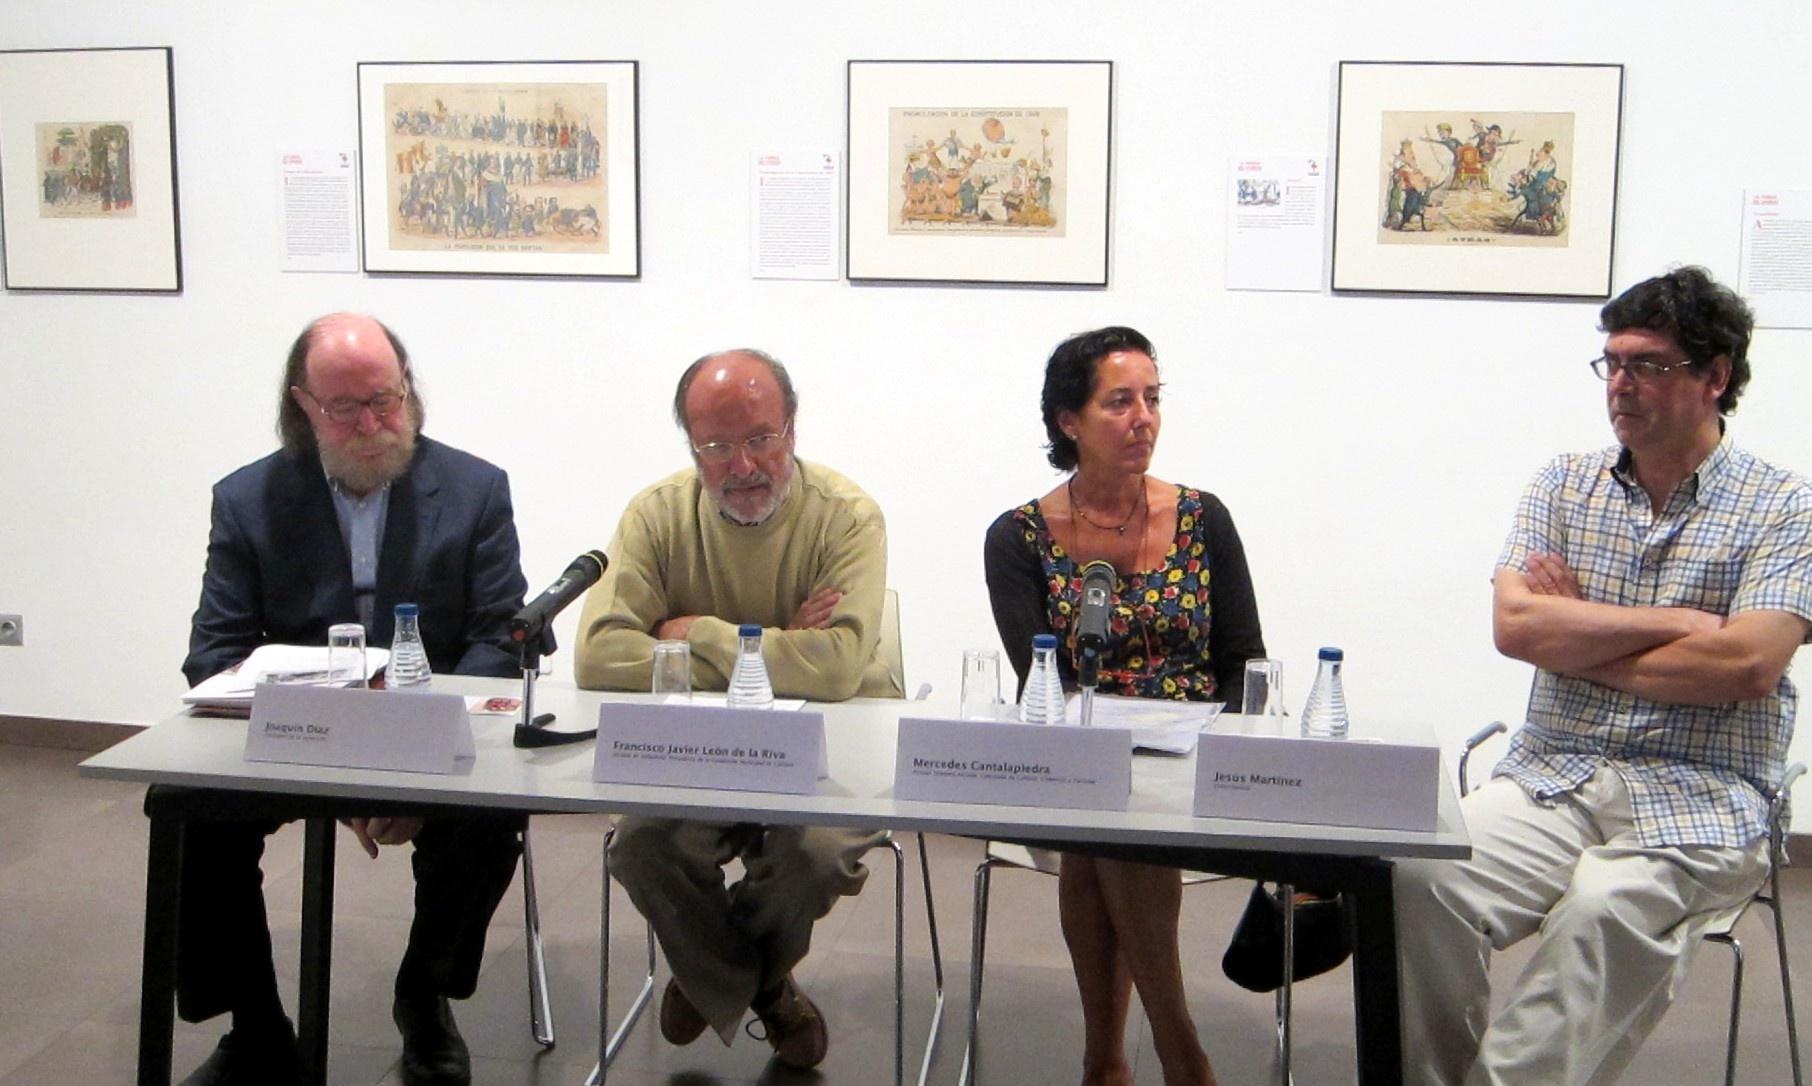 La Casa Revilla de Valladolid muestra un recorrido «satírico» por la historia de España a través de ilustraciones